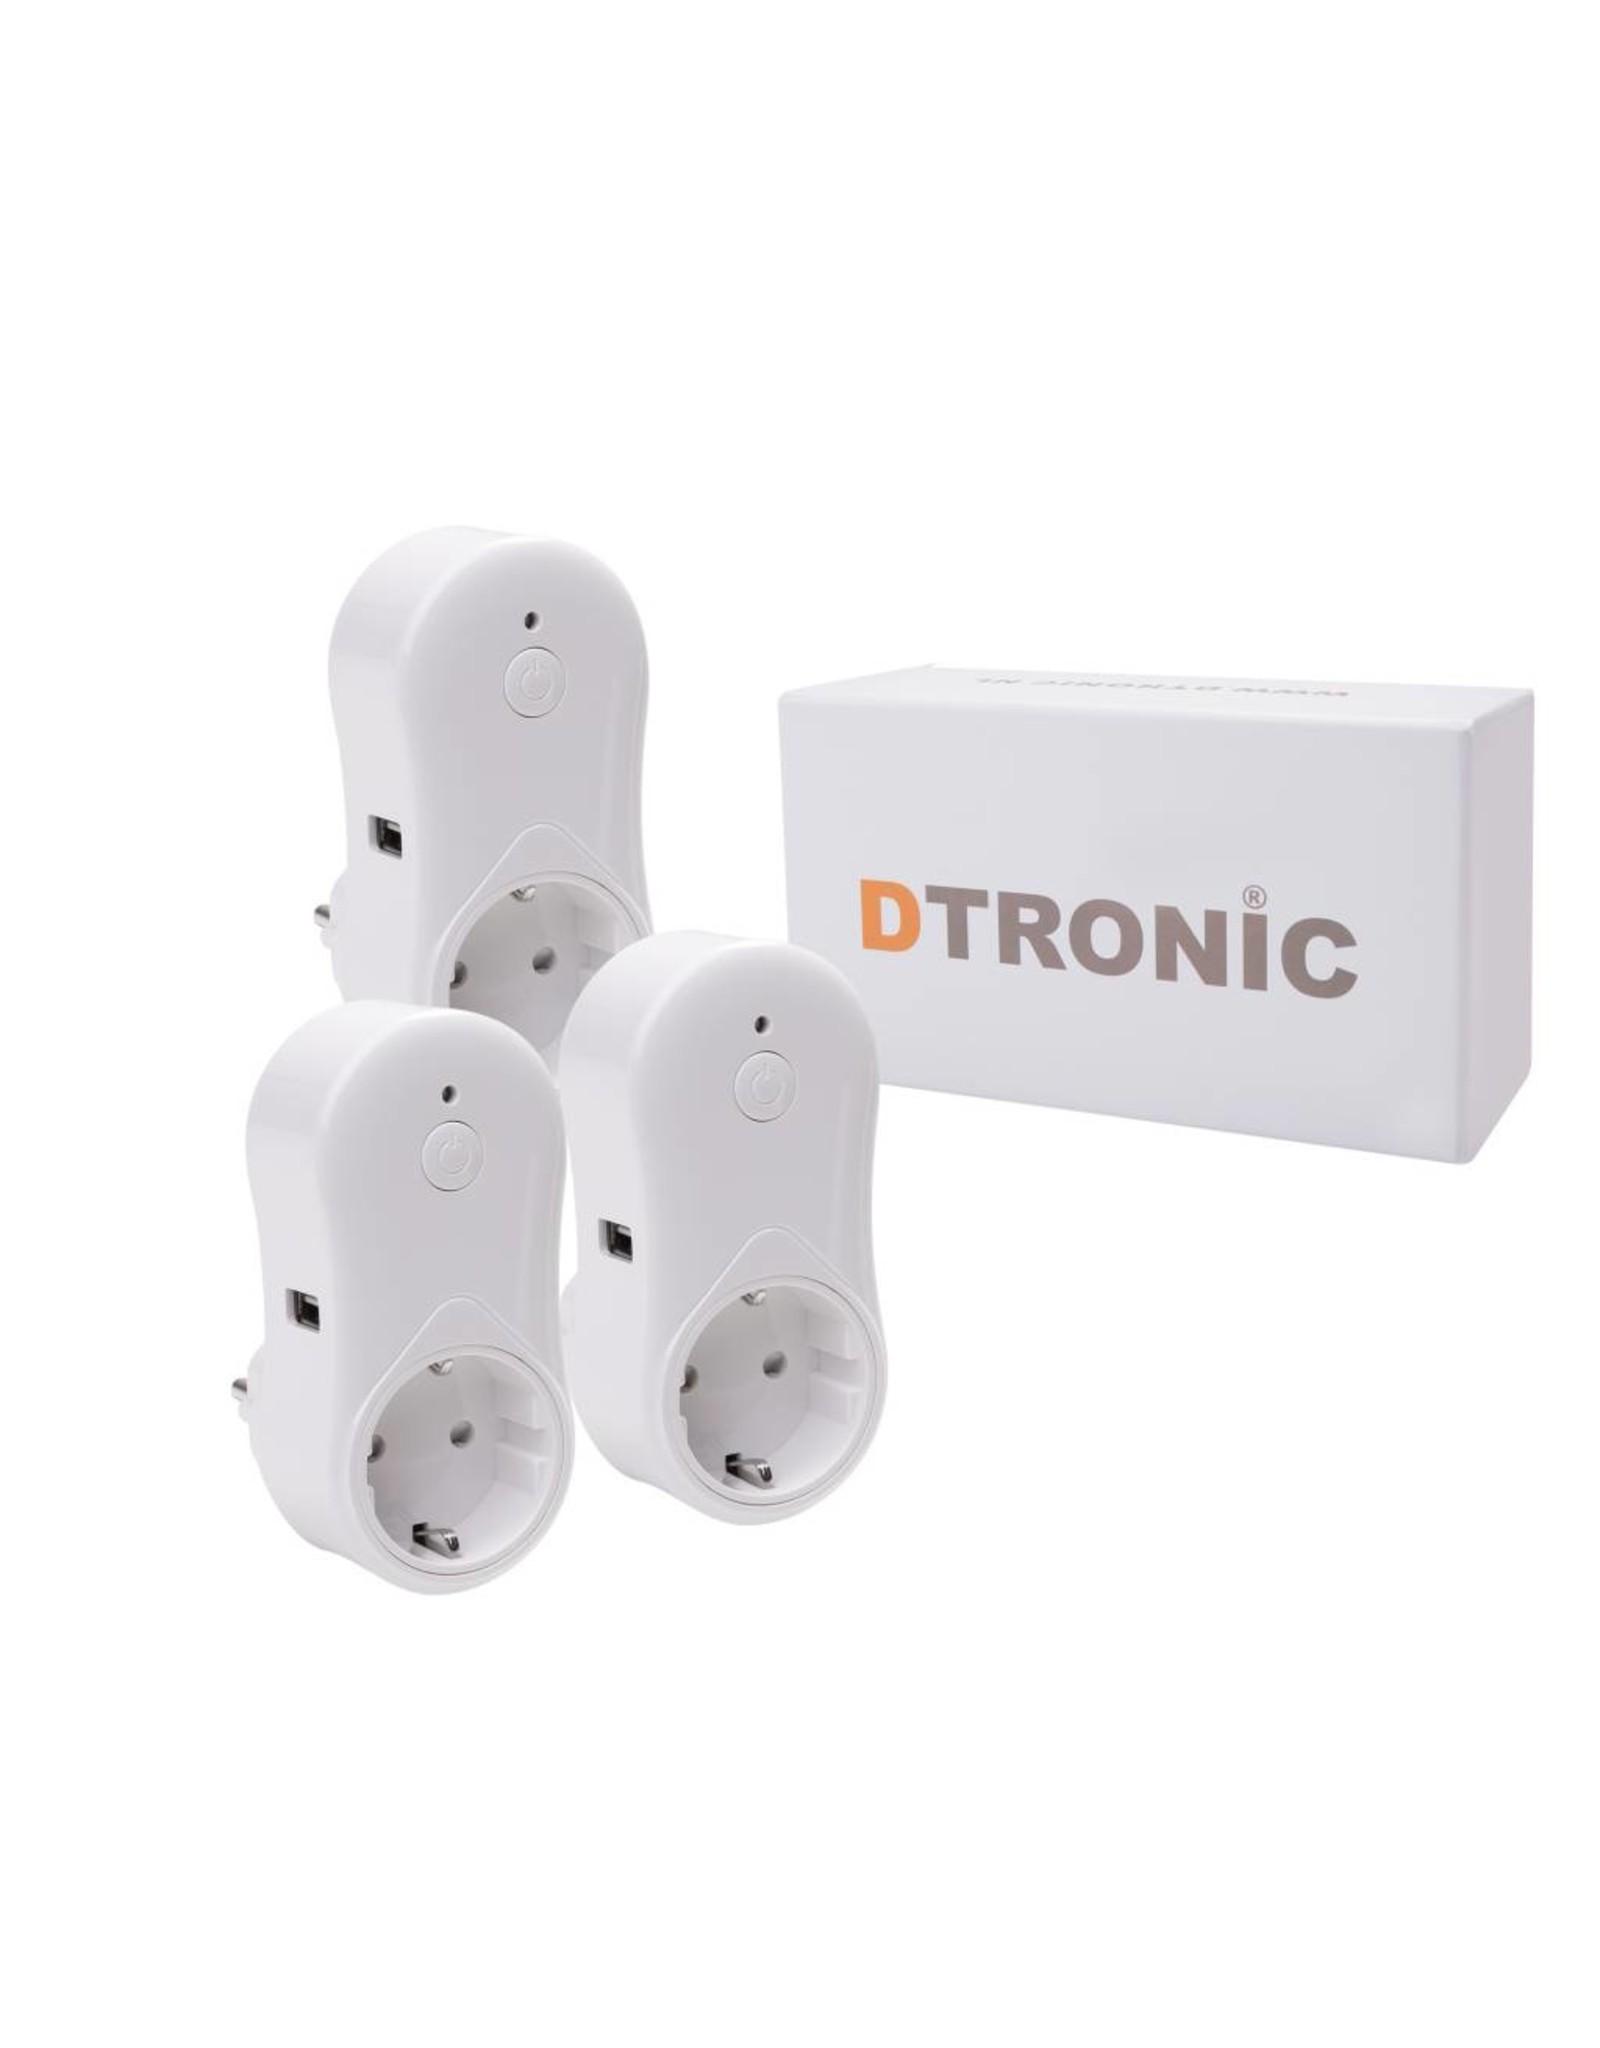 DTRONIC DTRONIC - S126  3st.